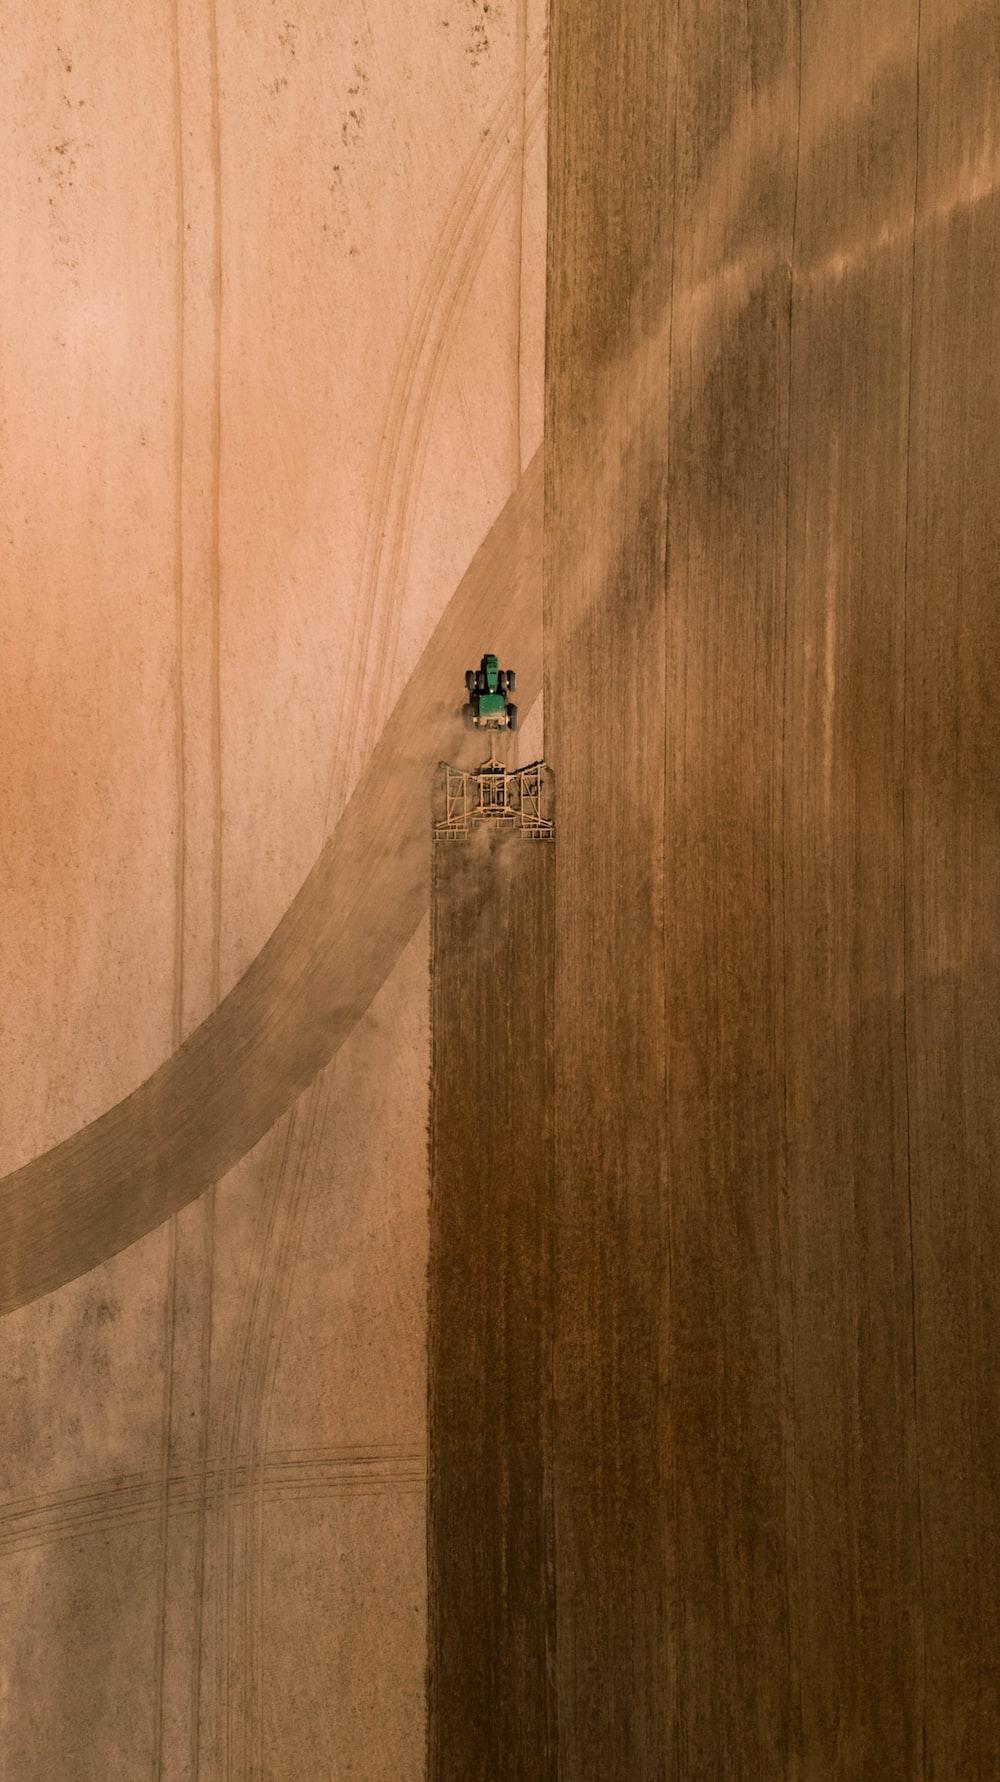 people walking on brown wooden floor